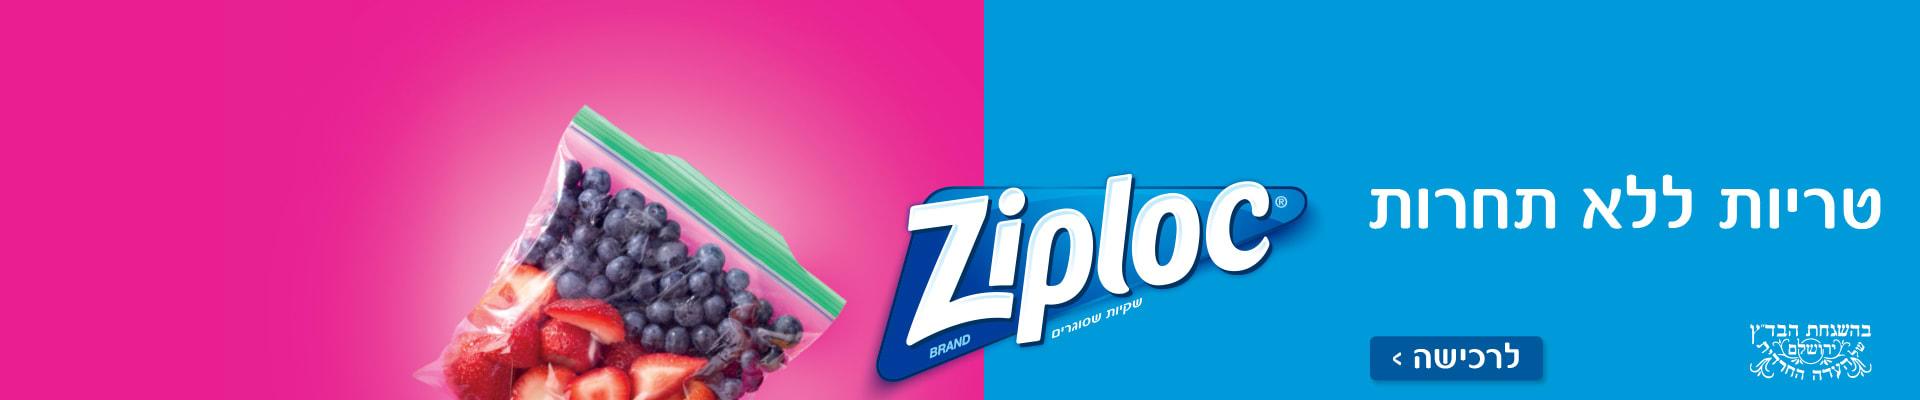 טריות ללא תחרות ZIPLOC.